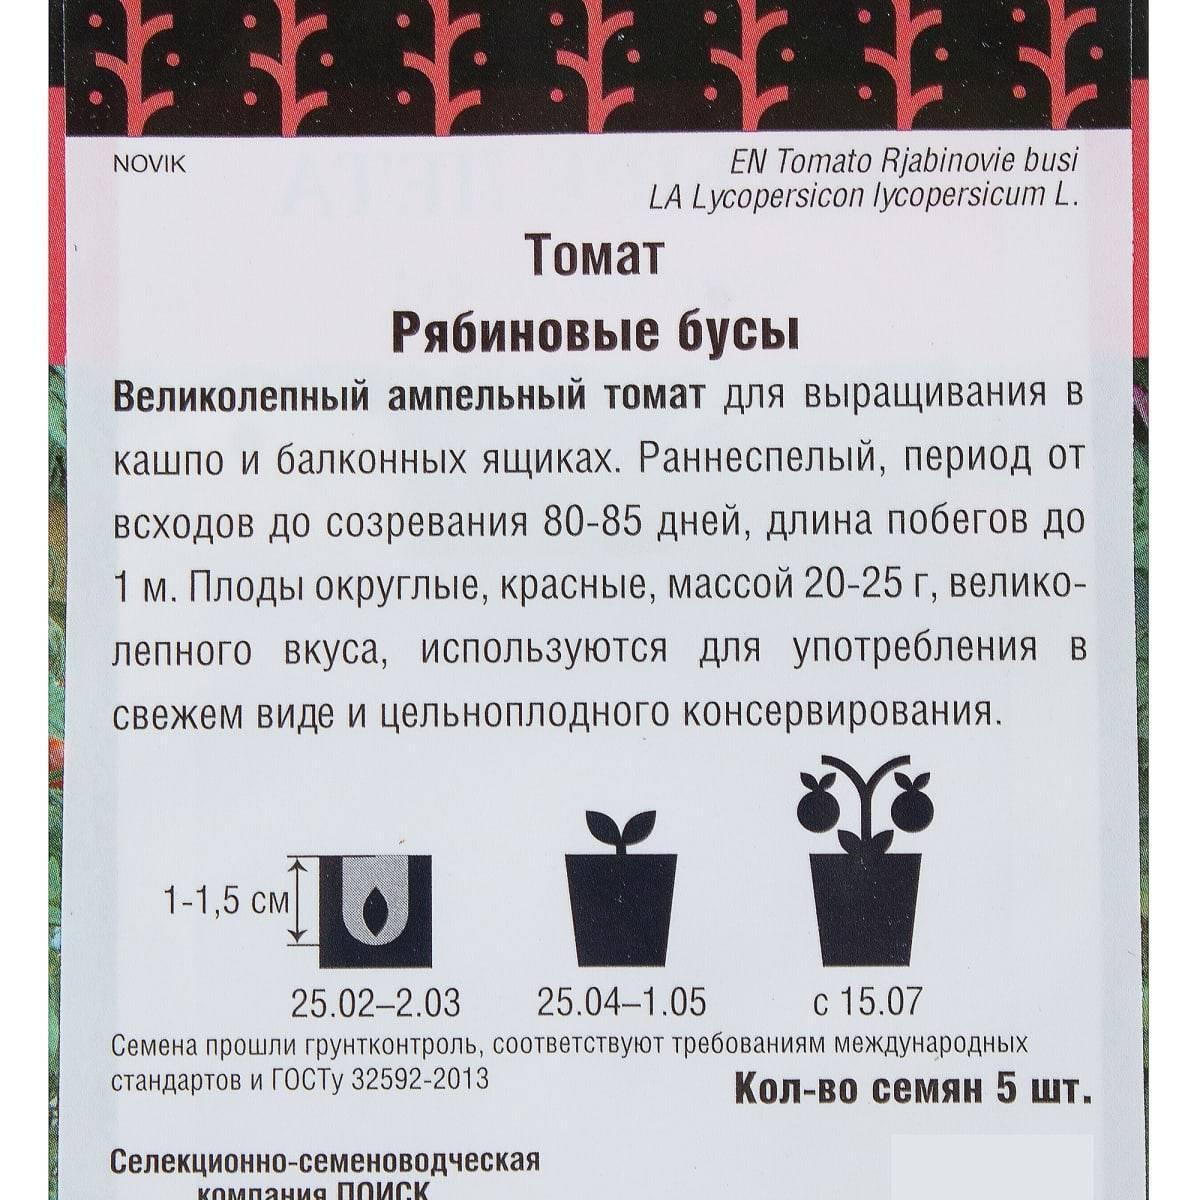 Томат рябиновые бусы: характеристика и описание, отзывы дачников с фото